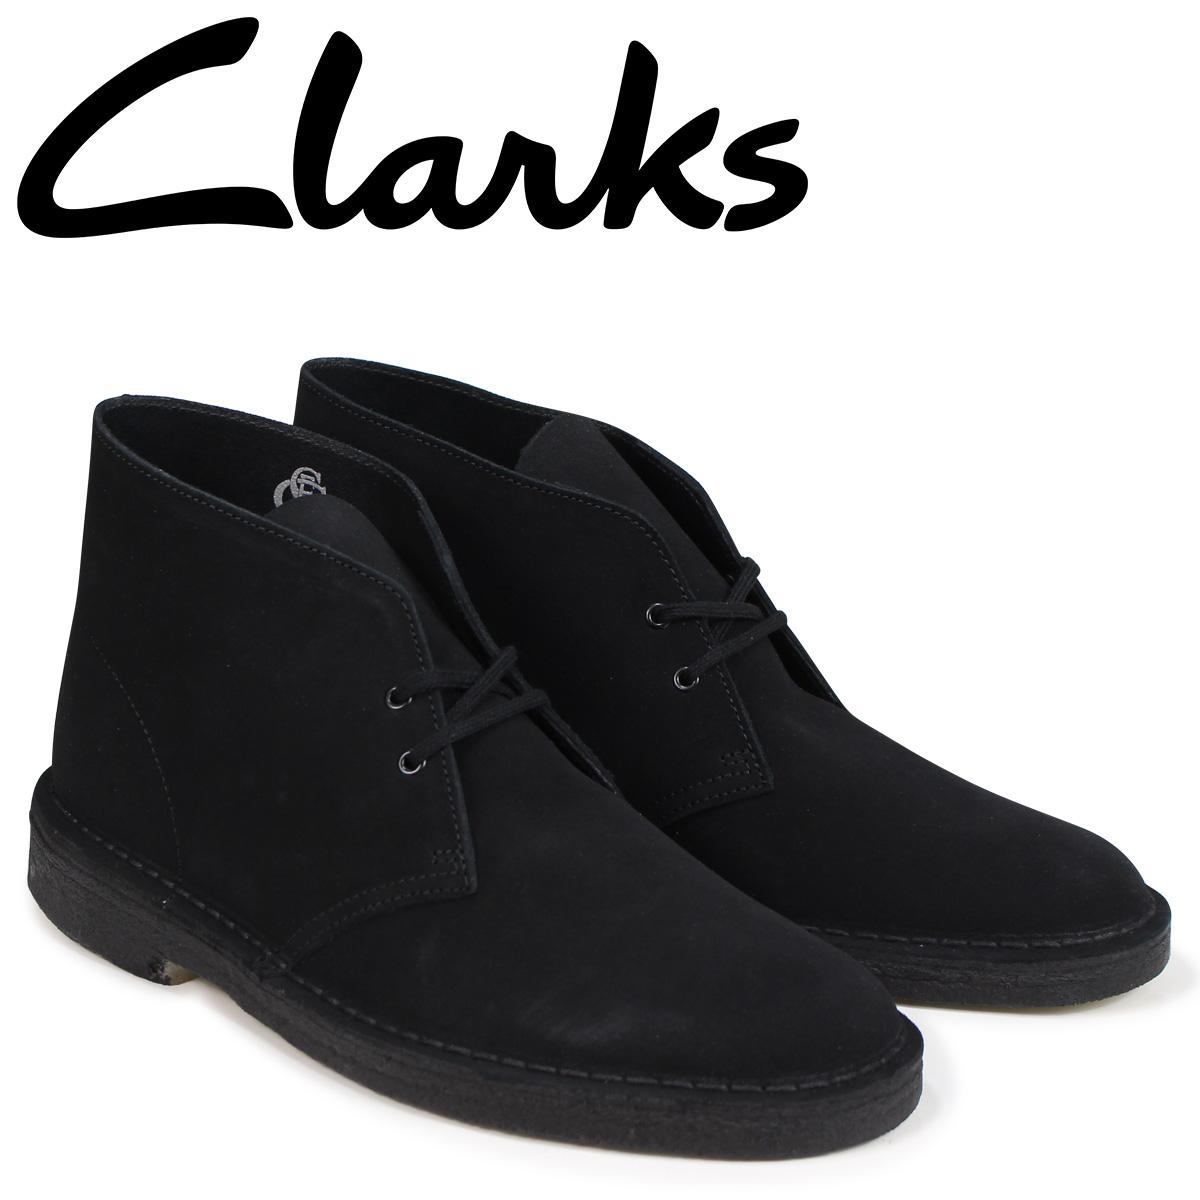 【最大2000円OFFクーポン】 クラークス オリジナルズ Clarks Originals デザートブーツ メンズ DESERT BOOT Mワイズ 26107882